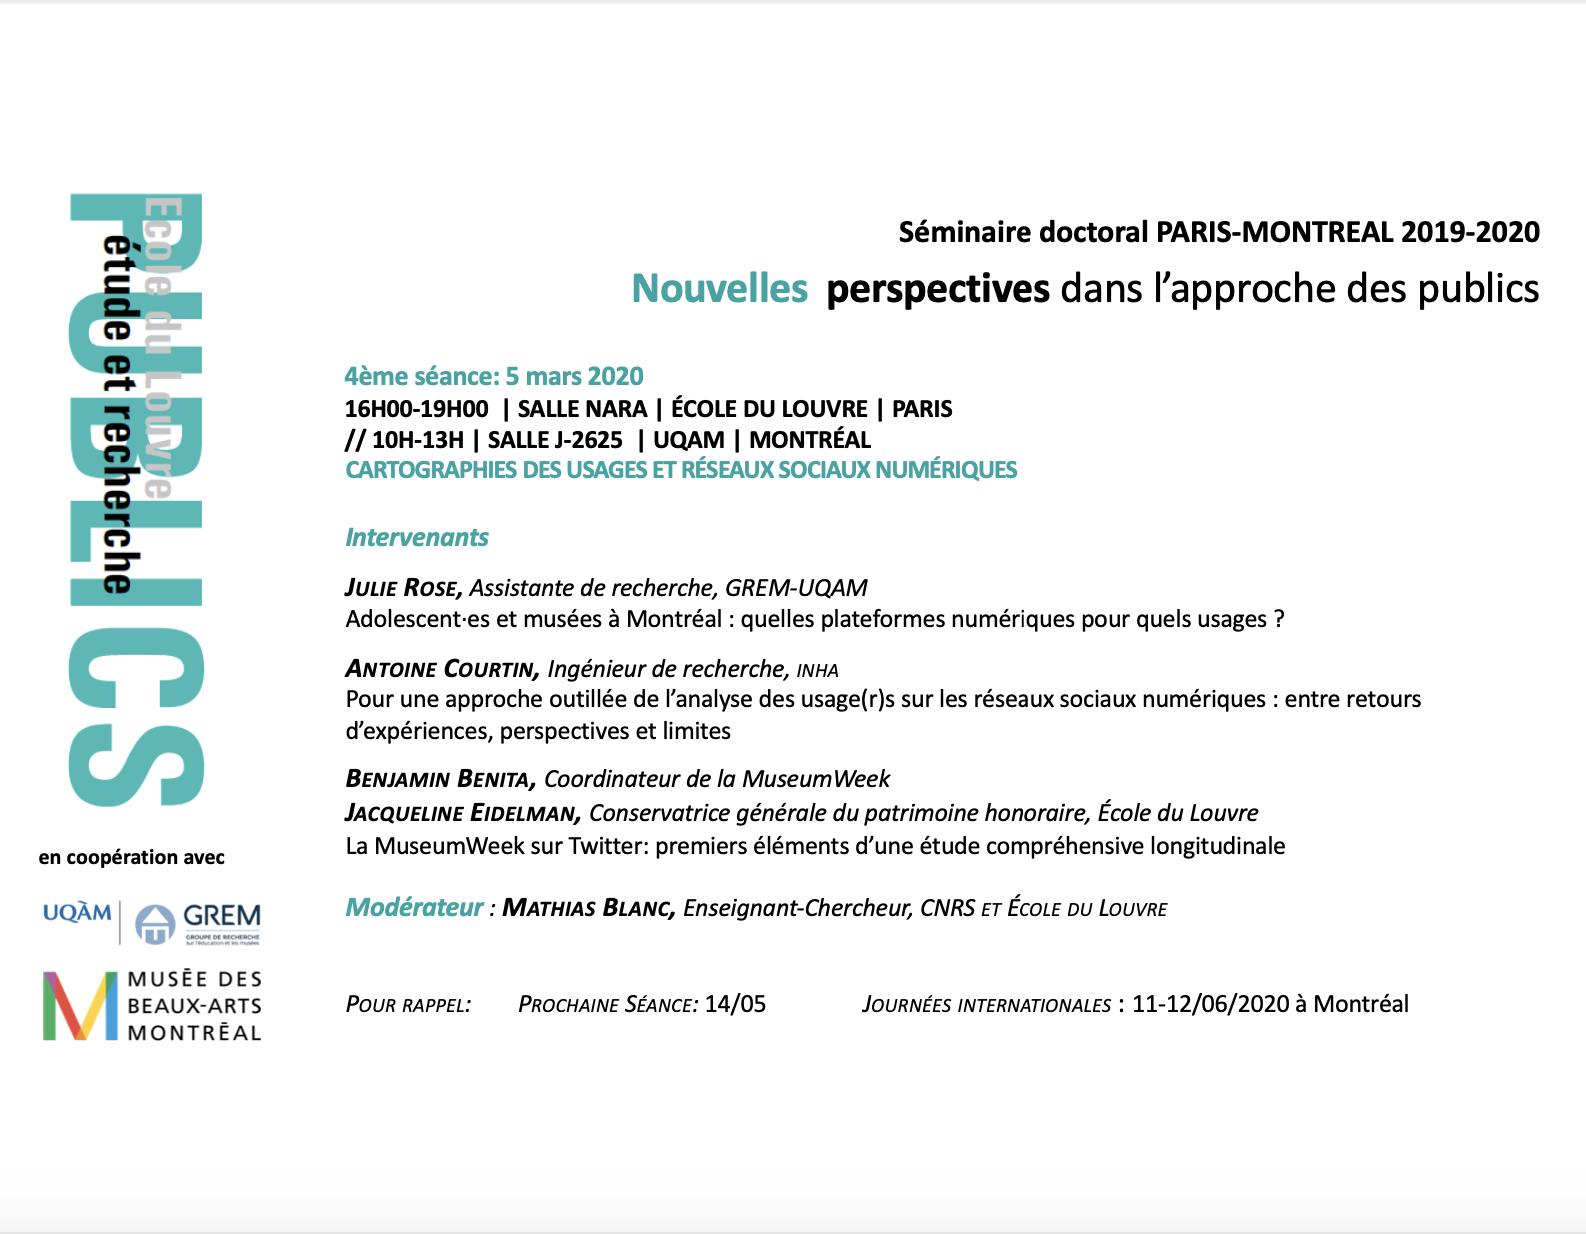 Séminaire doctoral PARIS-MONTRÉAL | Nouvelles perspectives dans l'approche des publics